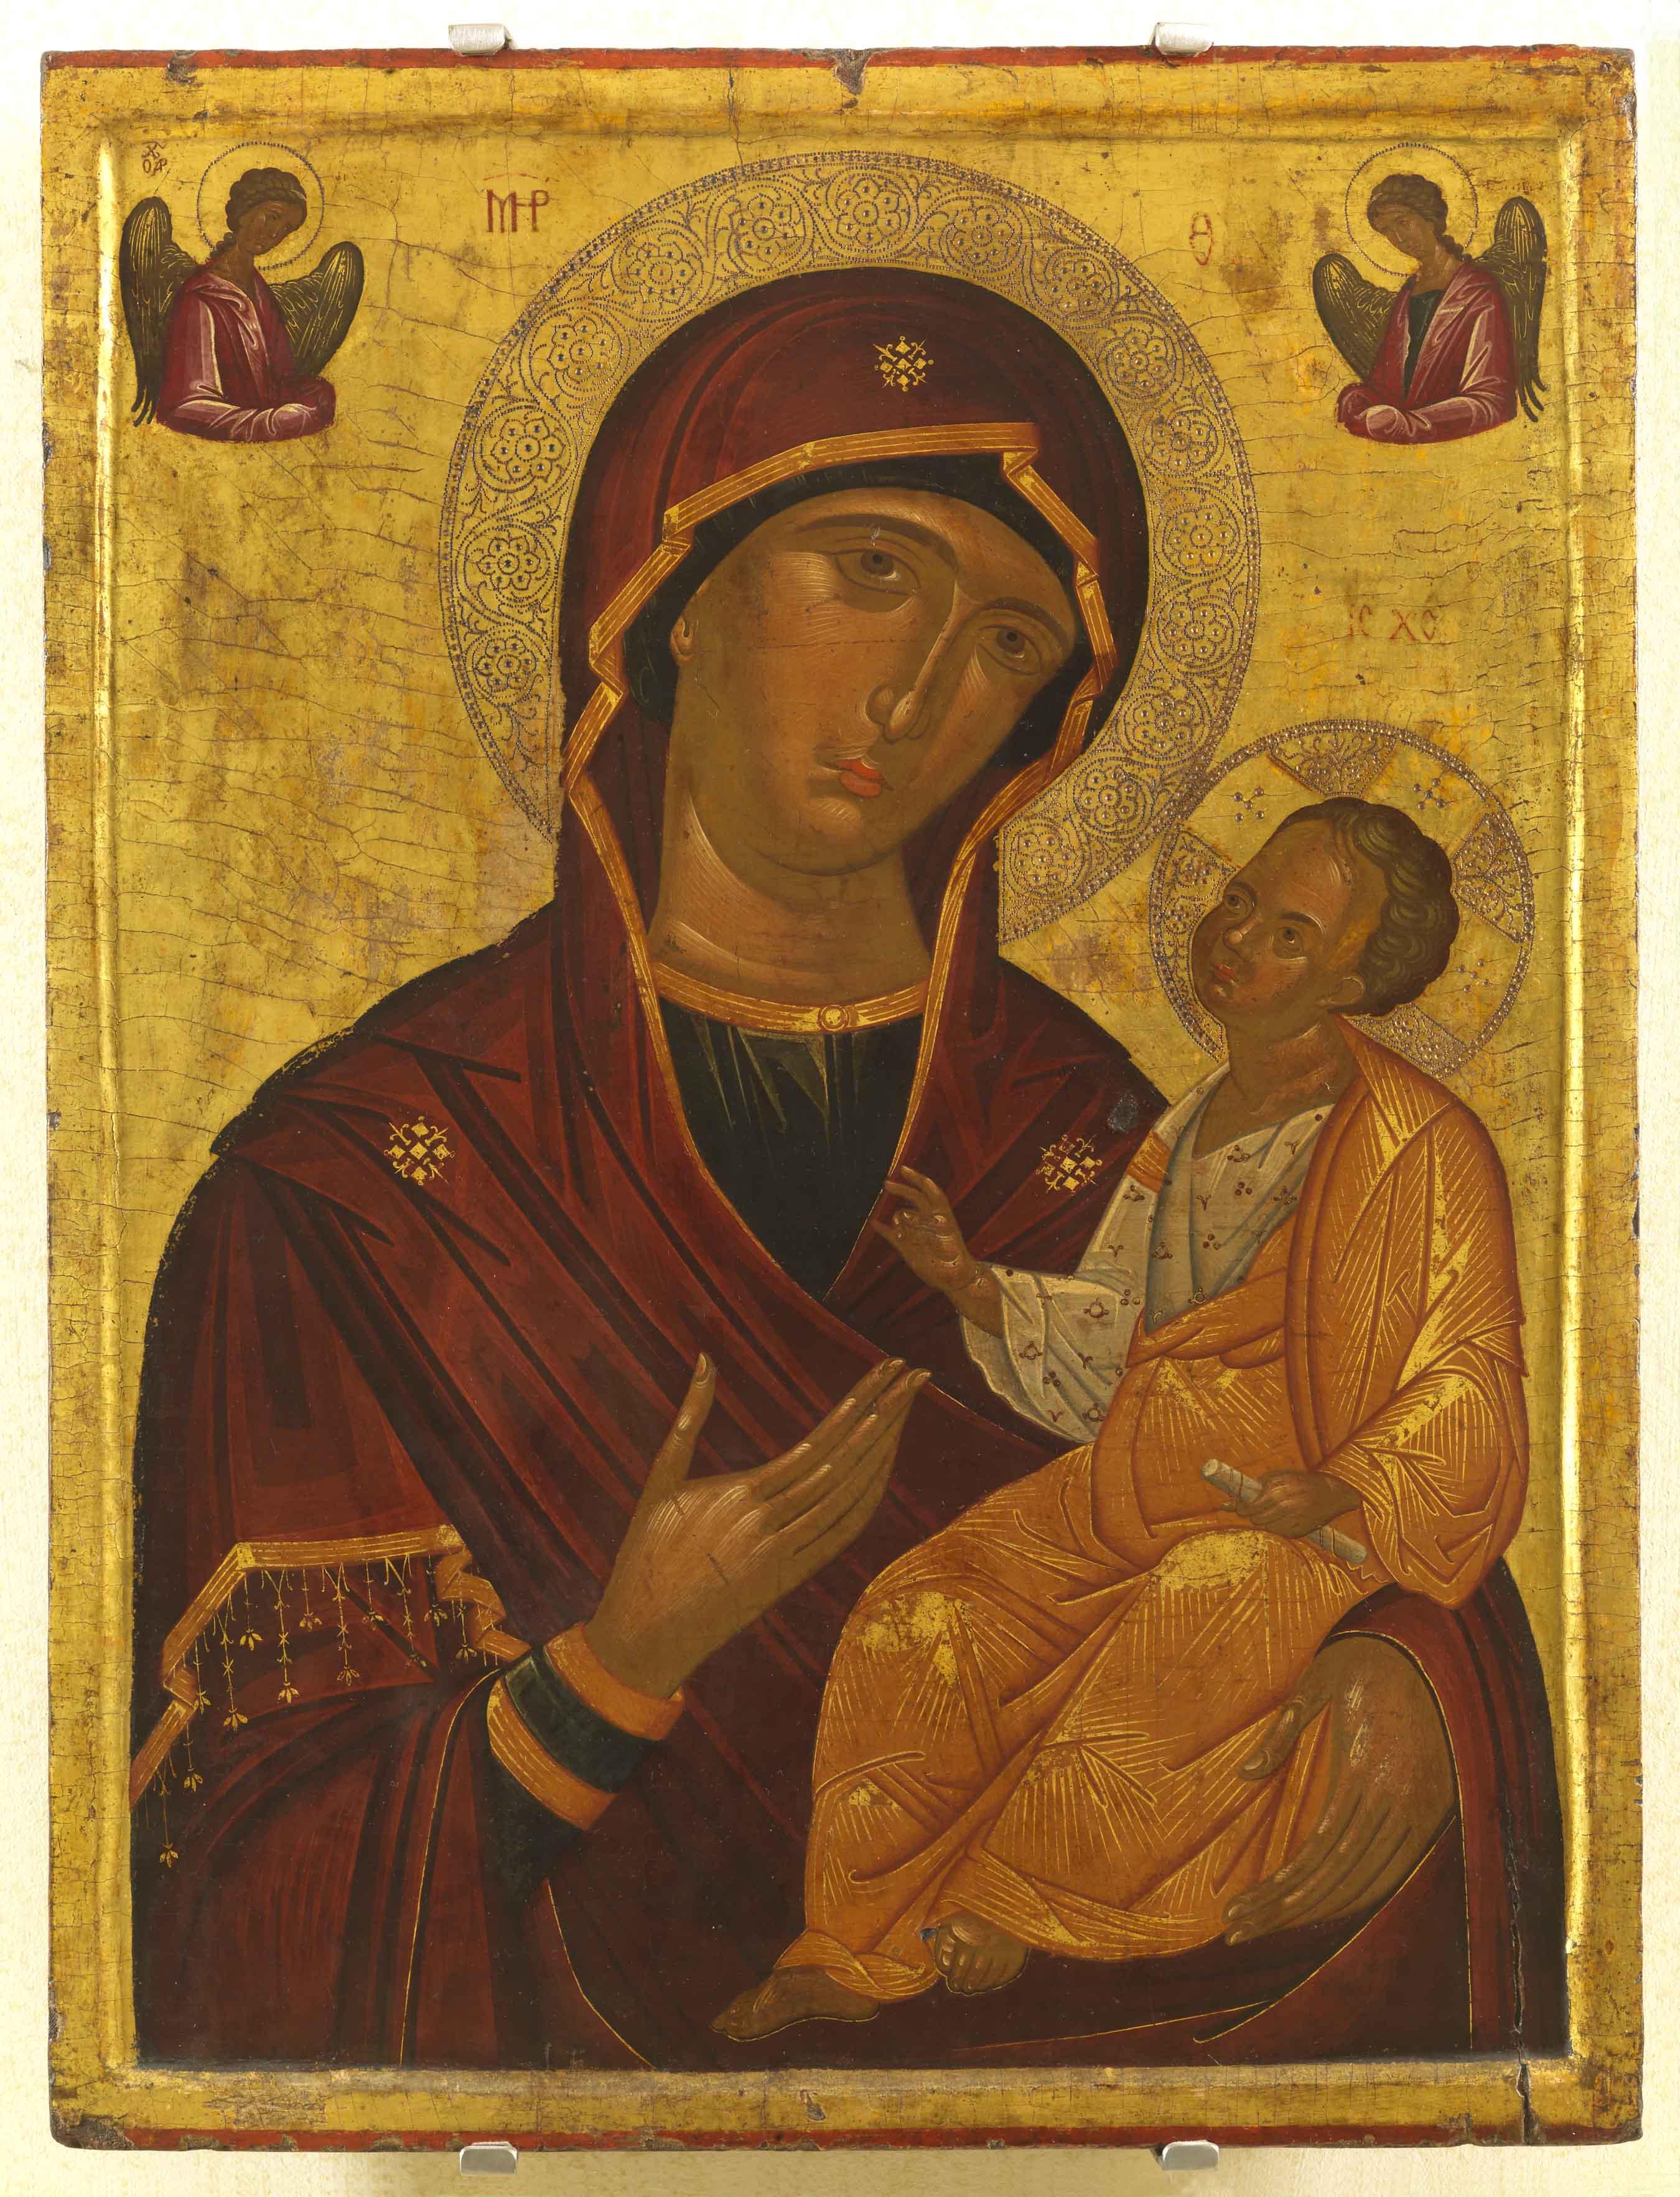 вы, фото византийских икон в хорошем качестве объективы обычно